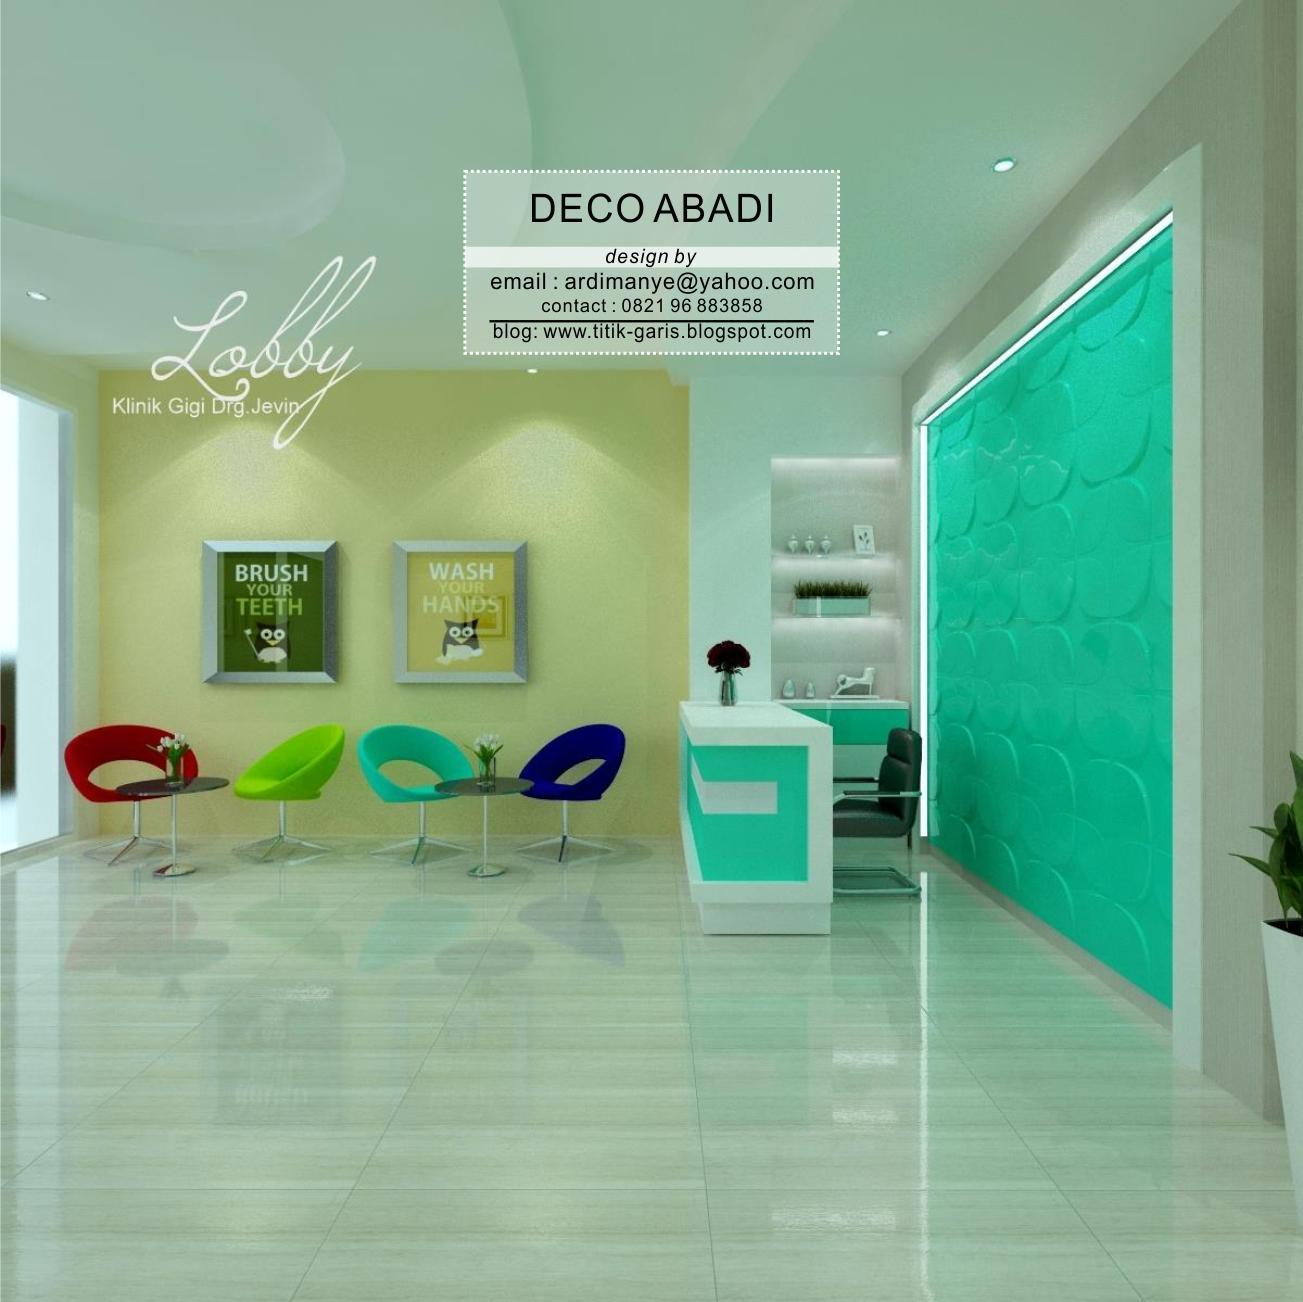 Jasa Desain Interior Ruko: Desain Interior Klinik Gigi Pada Bangunan Ruko